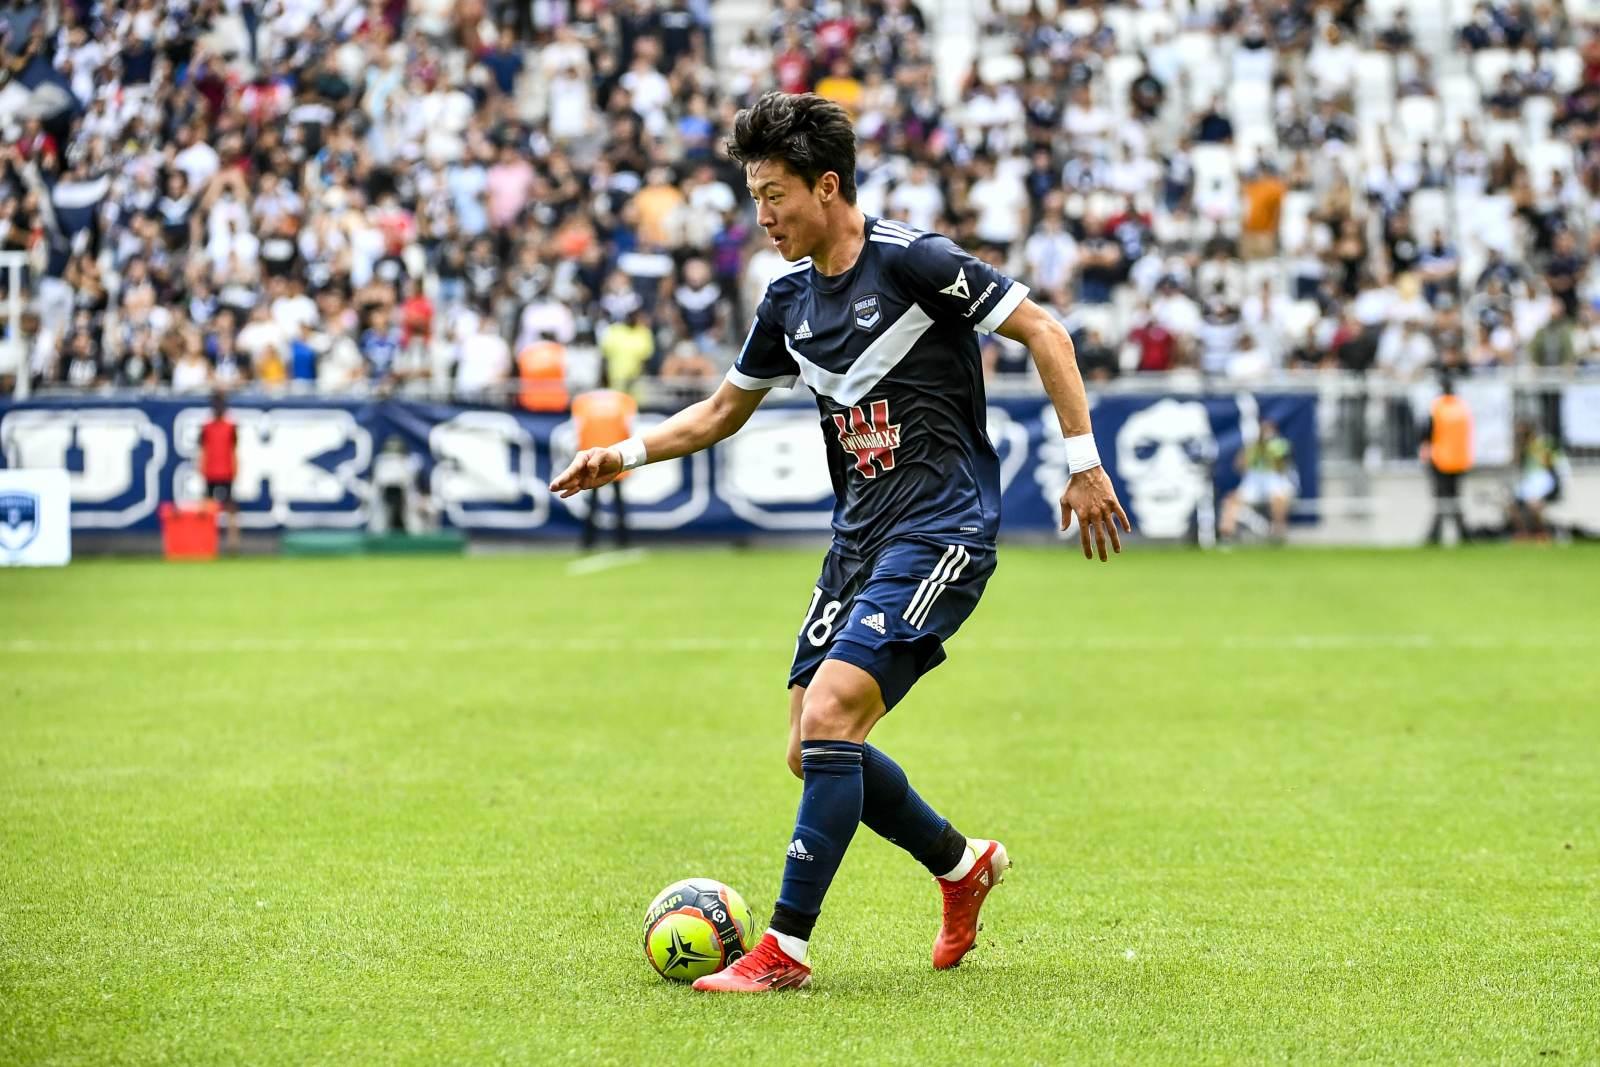 Дубль Хвана Ый-Чжо позволил «Бордо» обыграть другого аутсайдера, «Сент-Этьен»